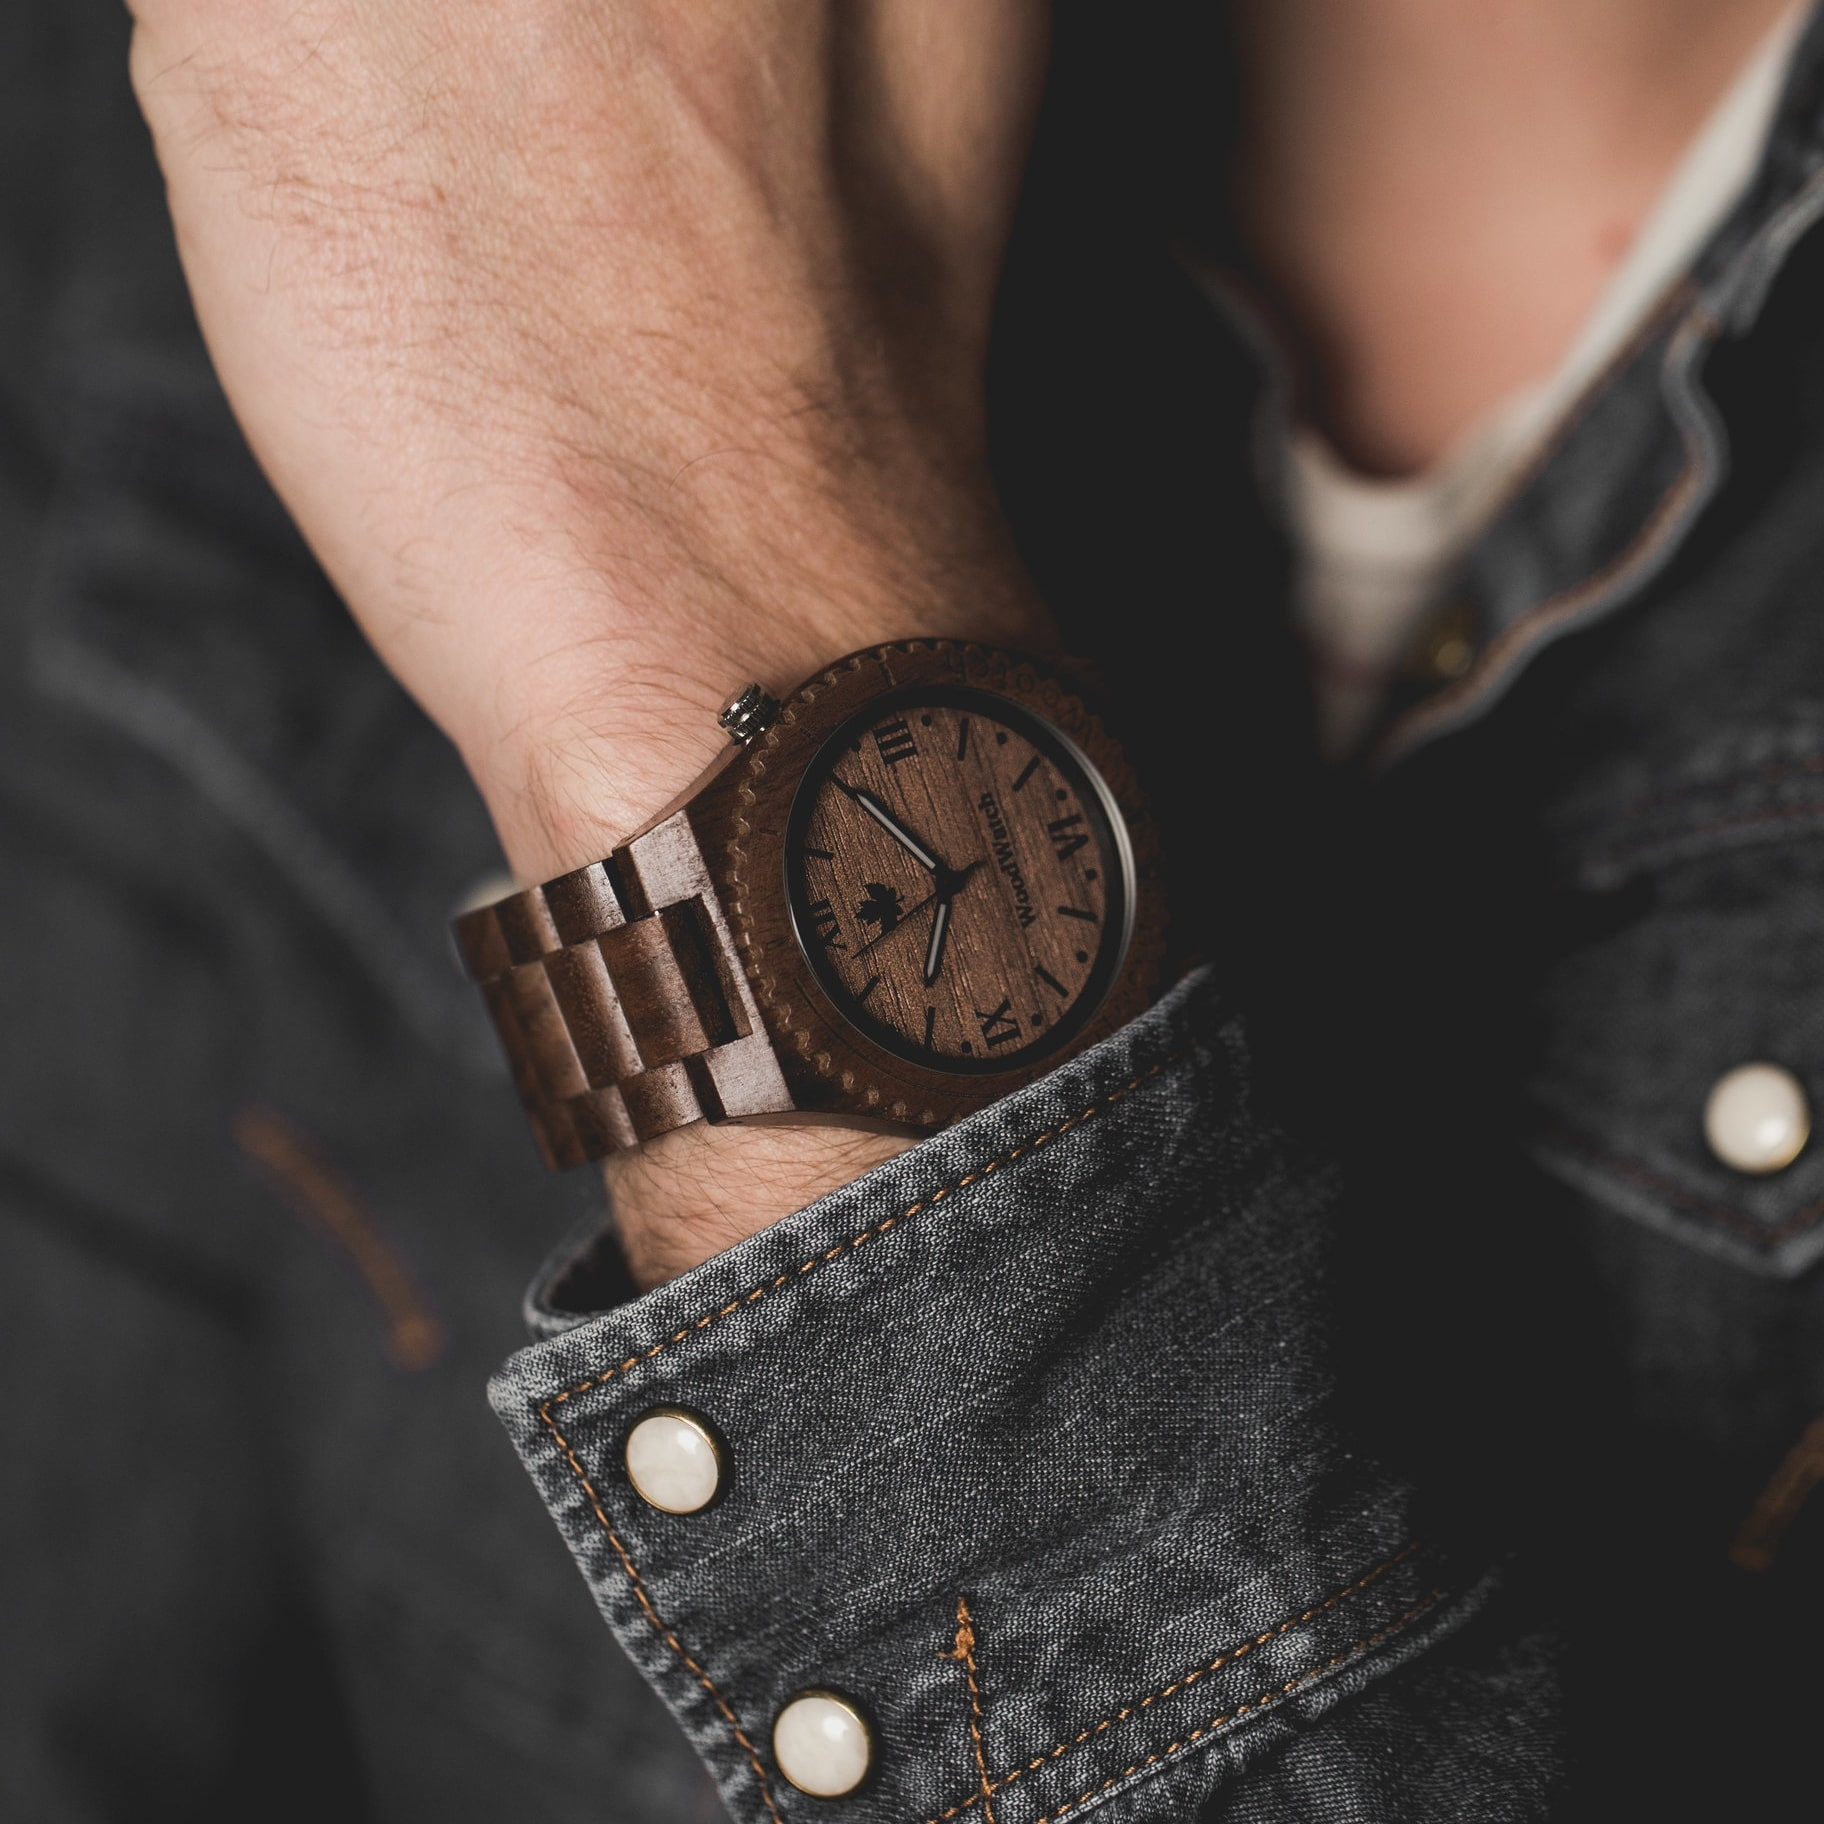 L'instinct primal et l'appel d'une nouvelle aventure. Cette idée est à l'essence même de la Collection ORIGINAL. Ces montres en bois, faites à la main, célèbrent l'aspect brut de la nature qui donne au monde sa beauté. Chaque modèle est une déclaration de